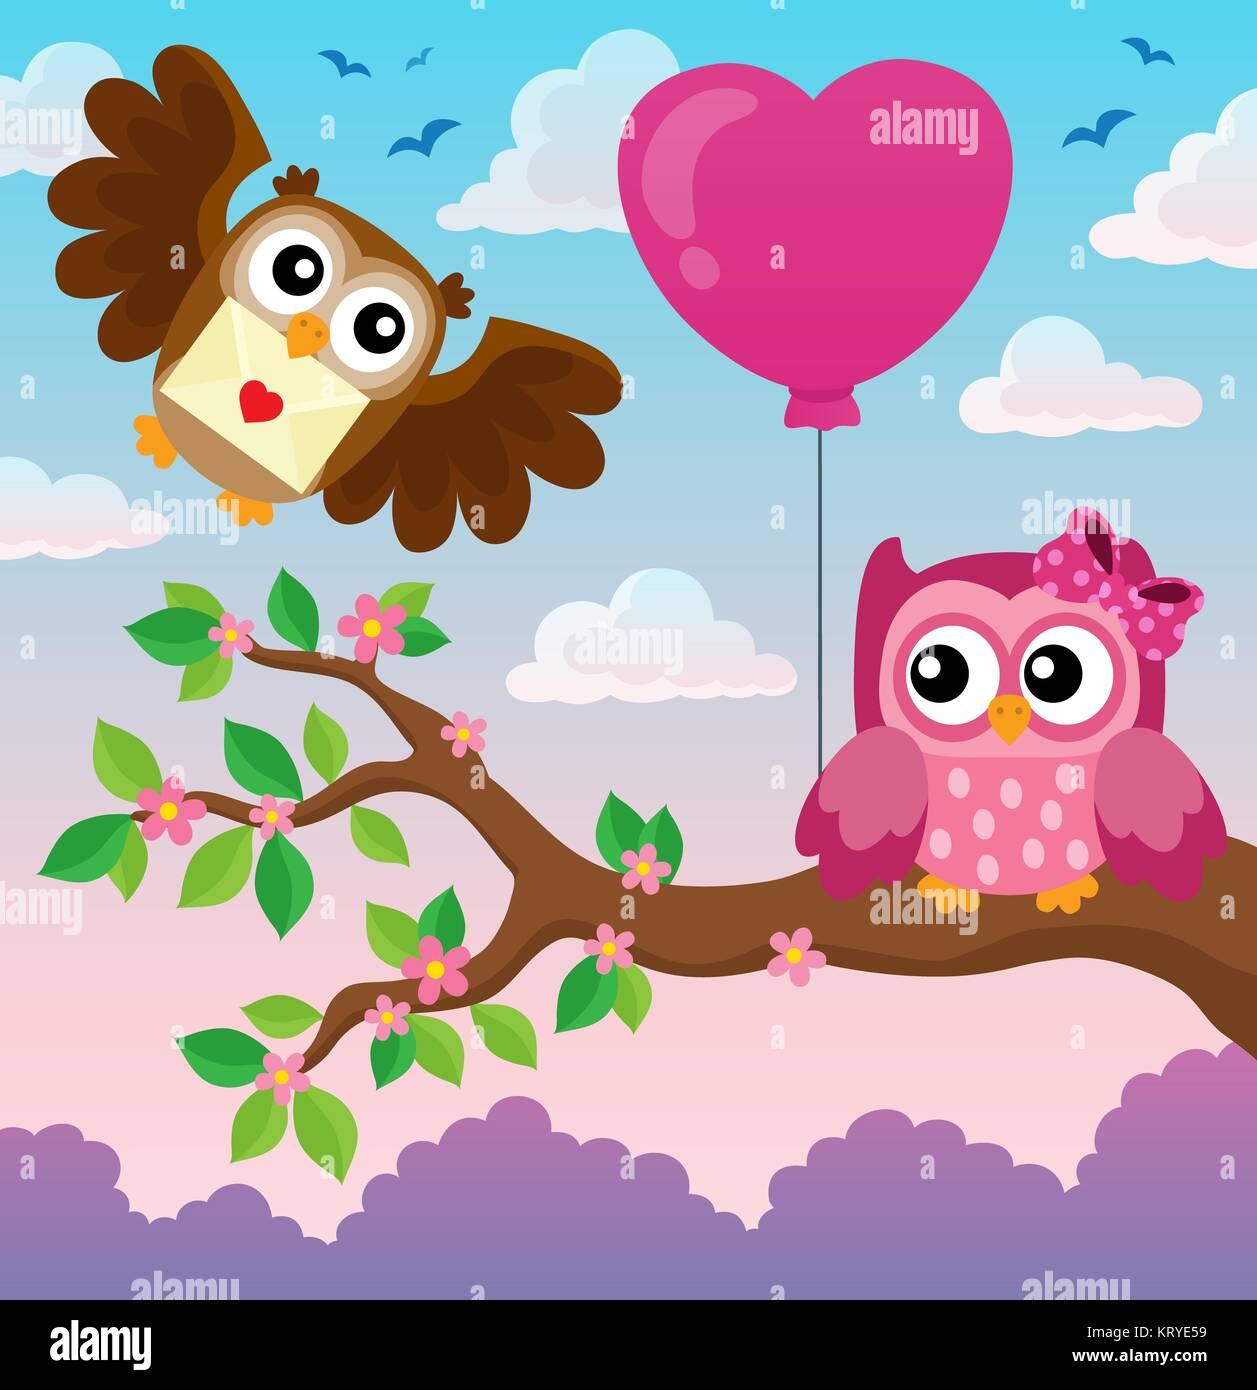 Valentine owls theme image 4 - Stock Image